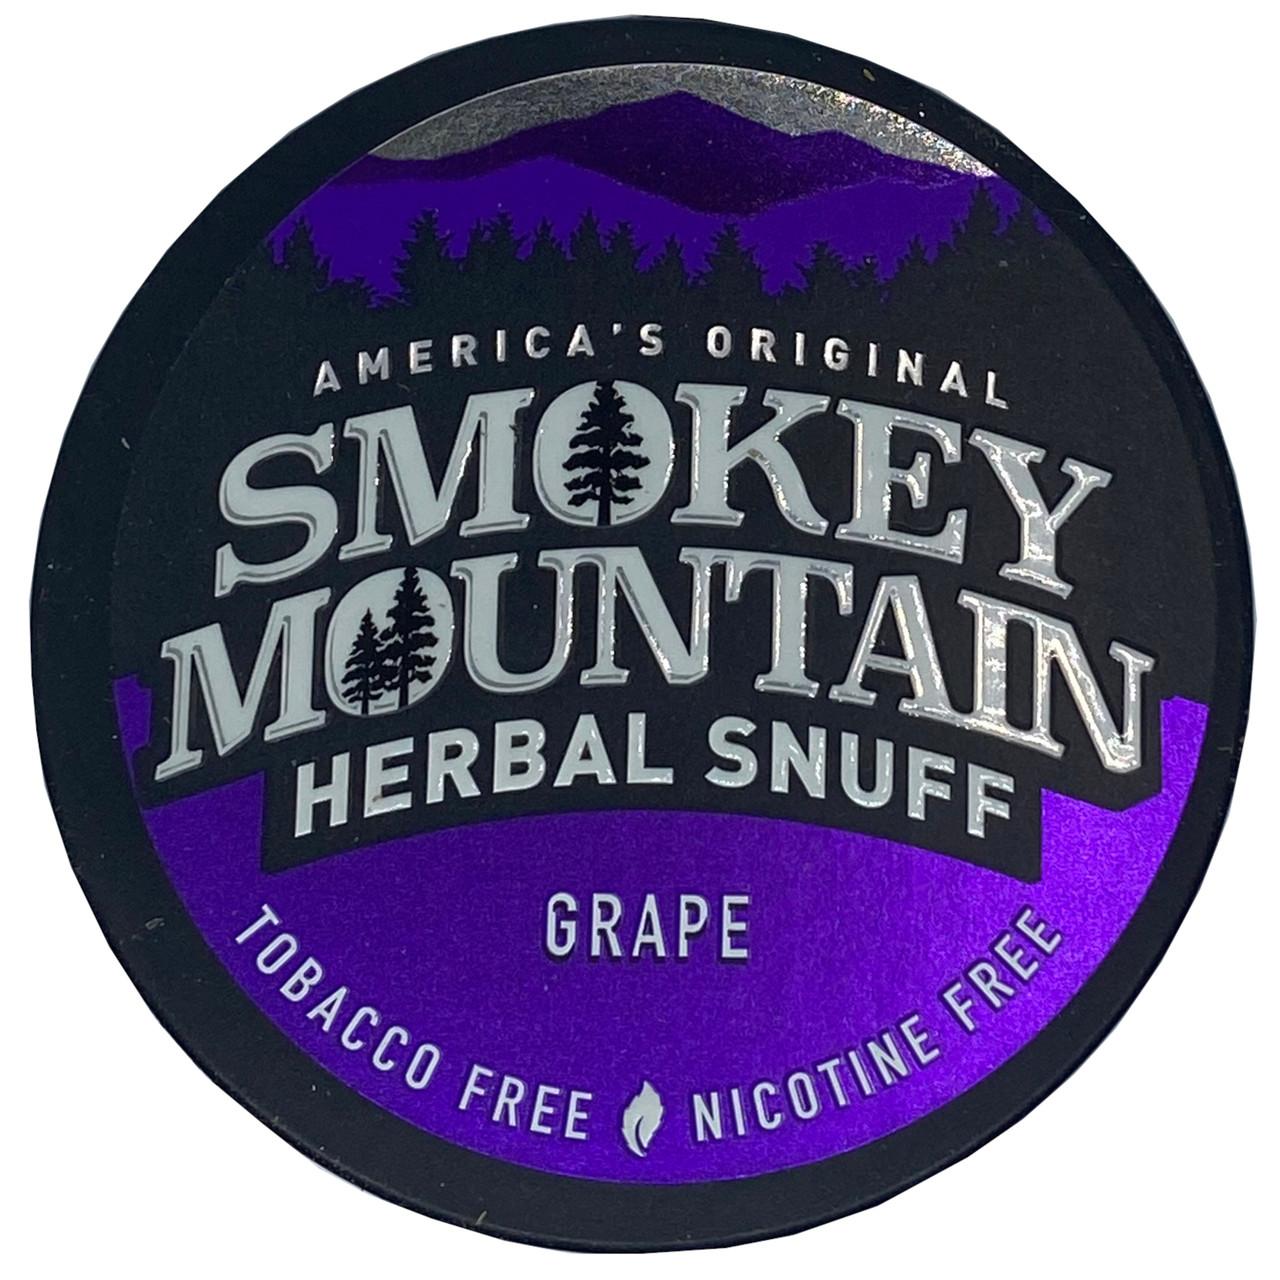 Smokey Mountain Grape Herbal Snuff 1 Can